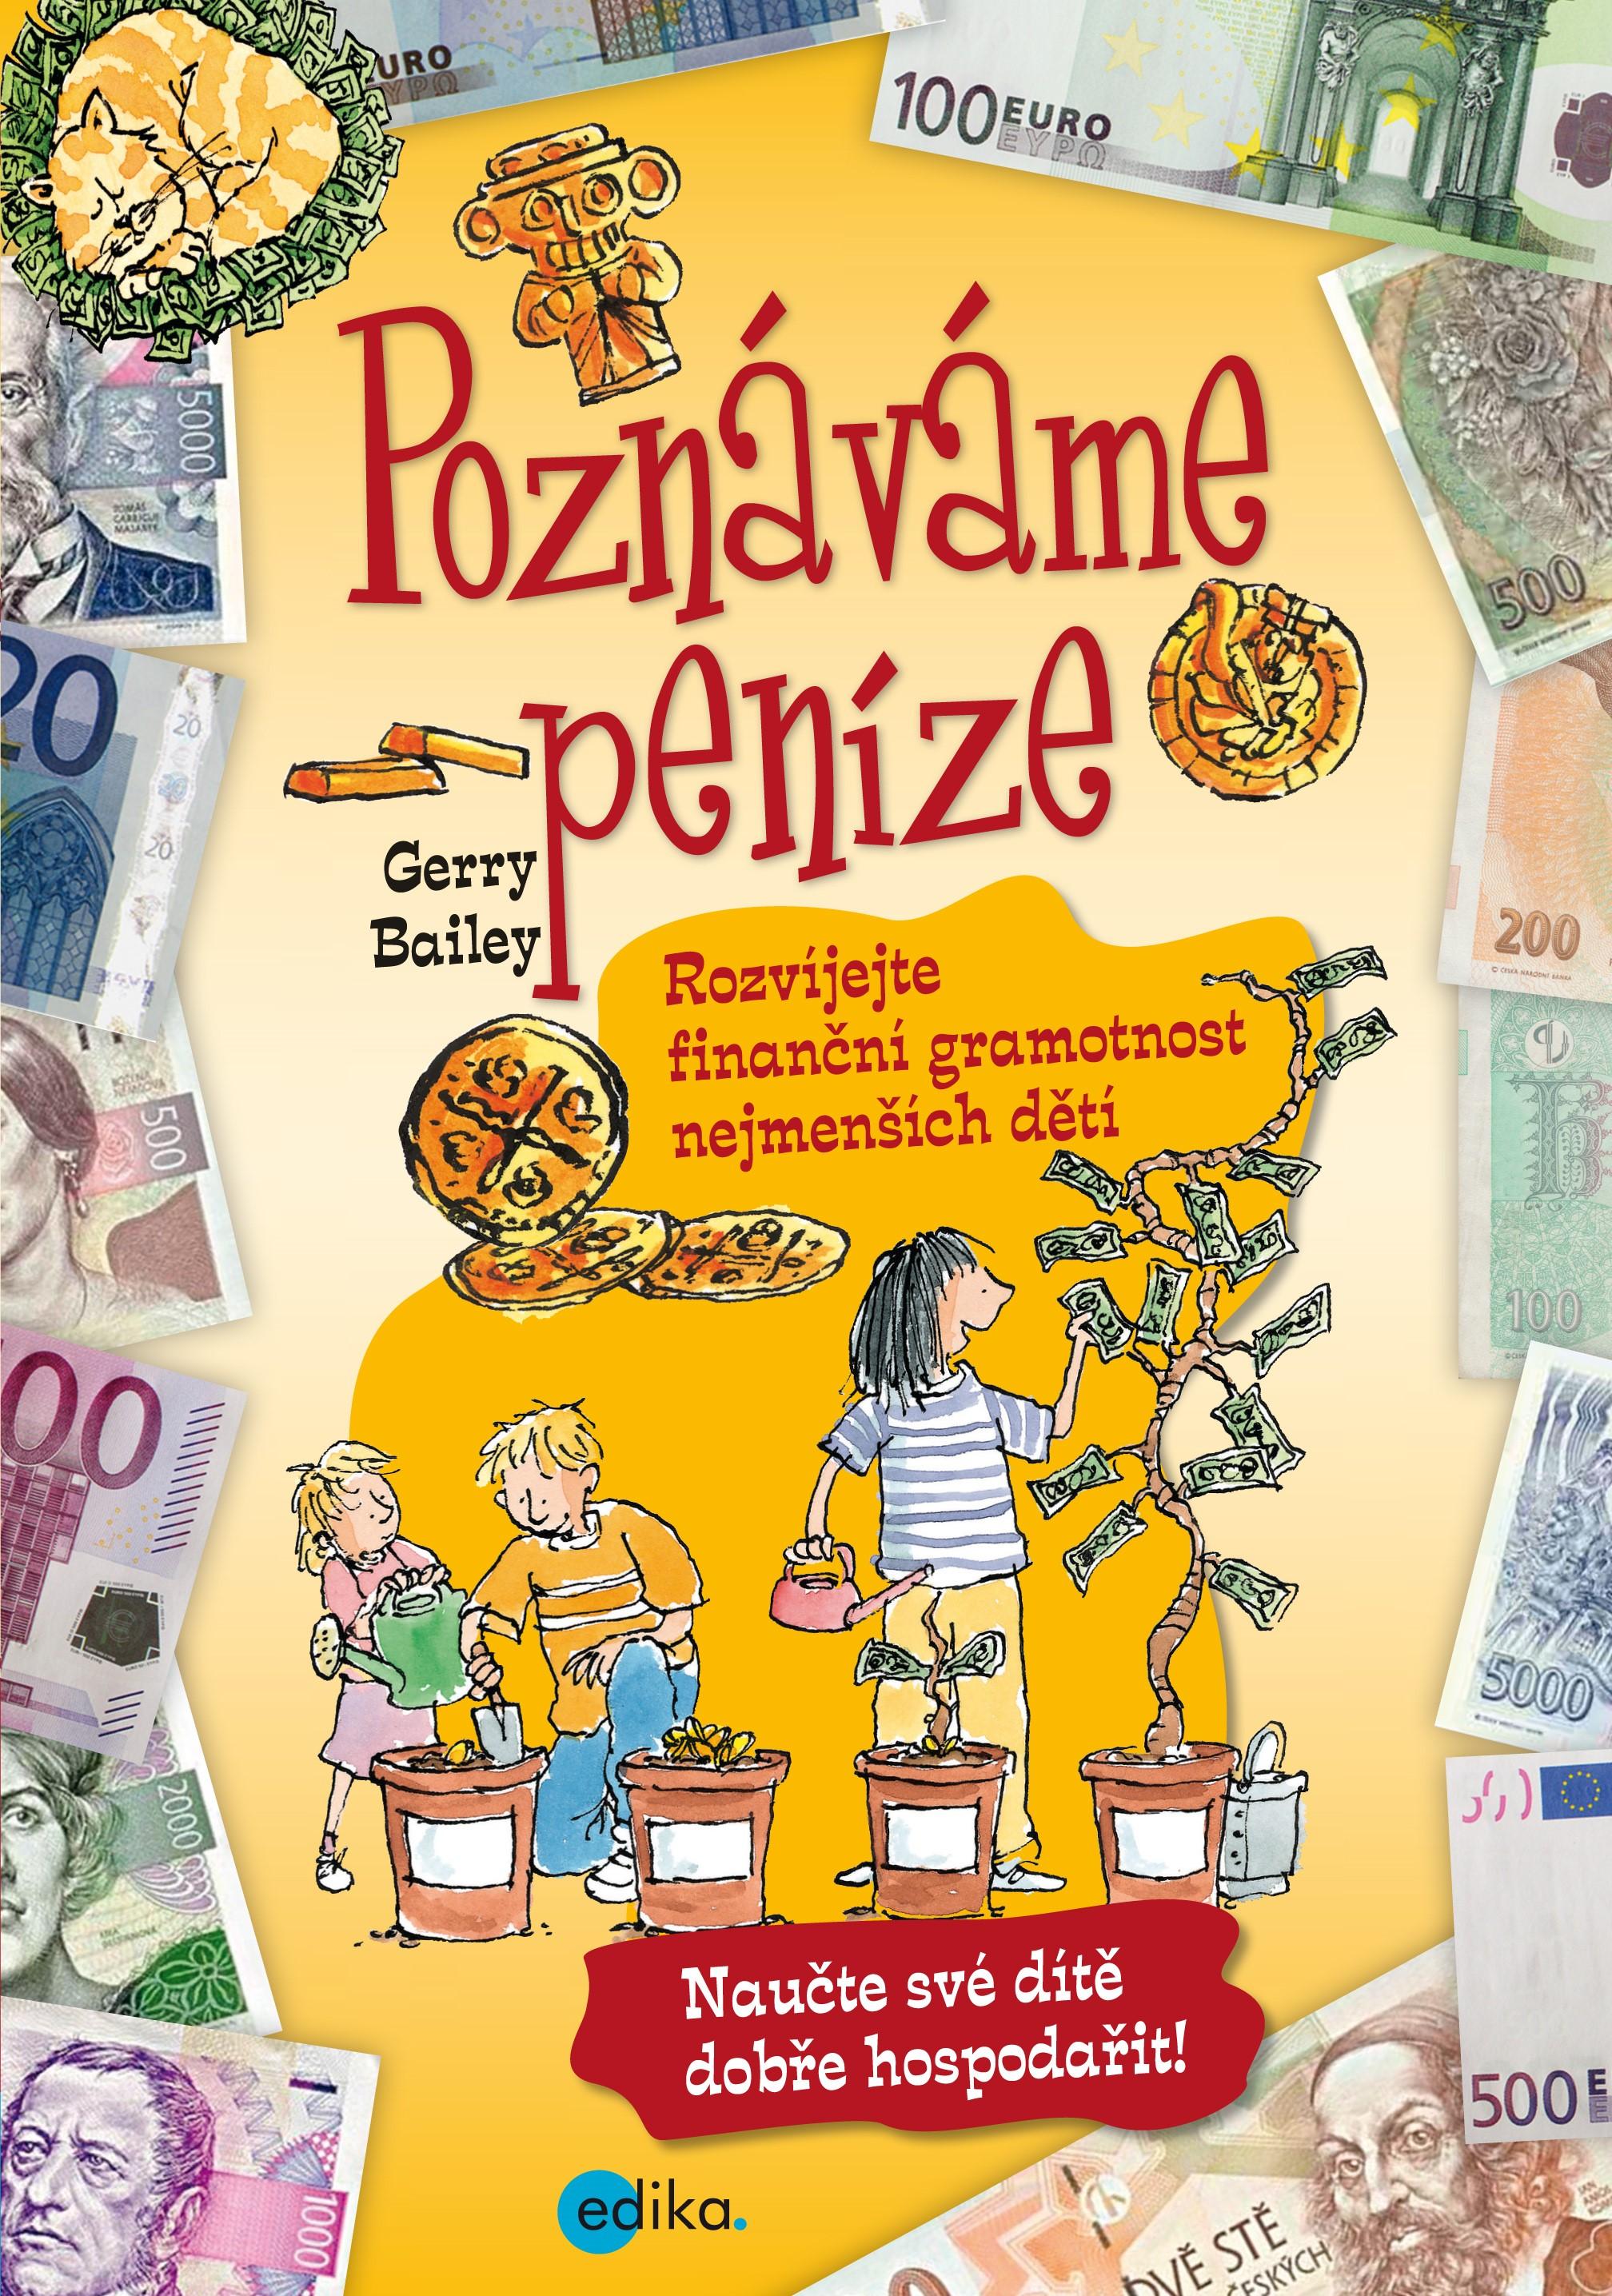 Poznavame Penize Rozvijejte Financni Gramotnost Nejmensich Deti